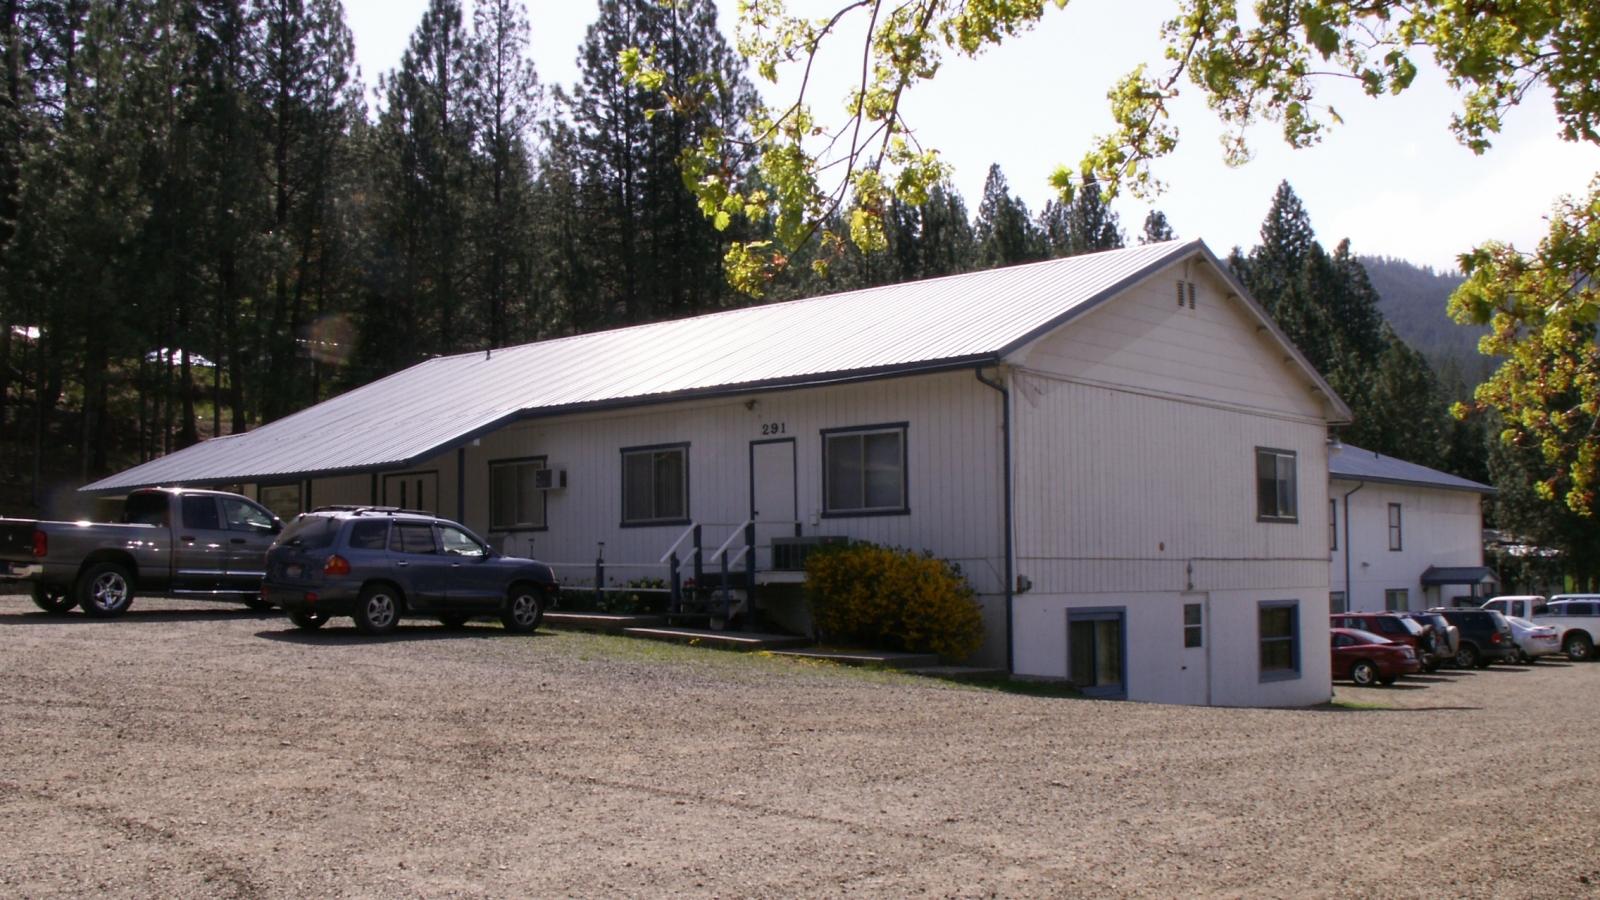 Church southeast